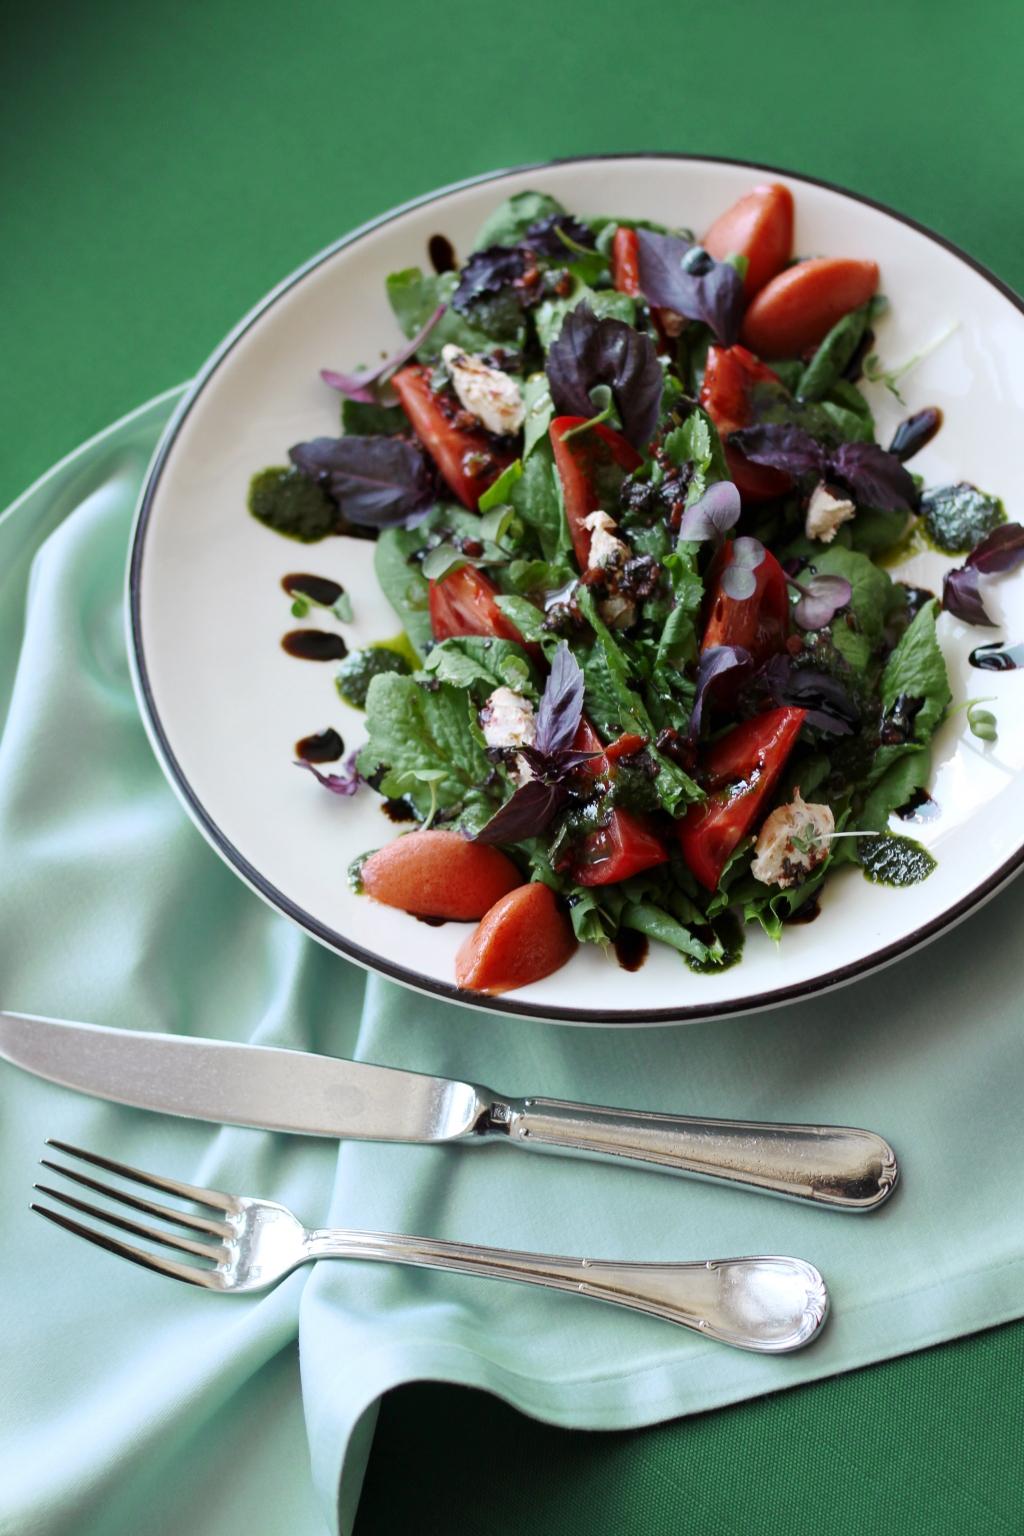 Салатъ съ травой сурепкою и южными томатами